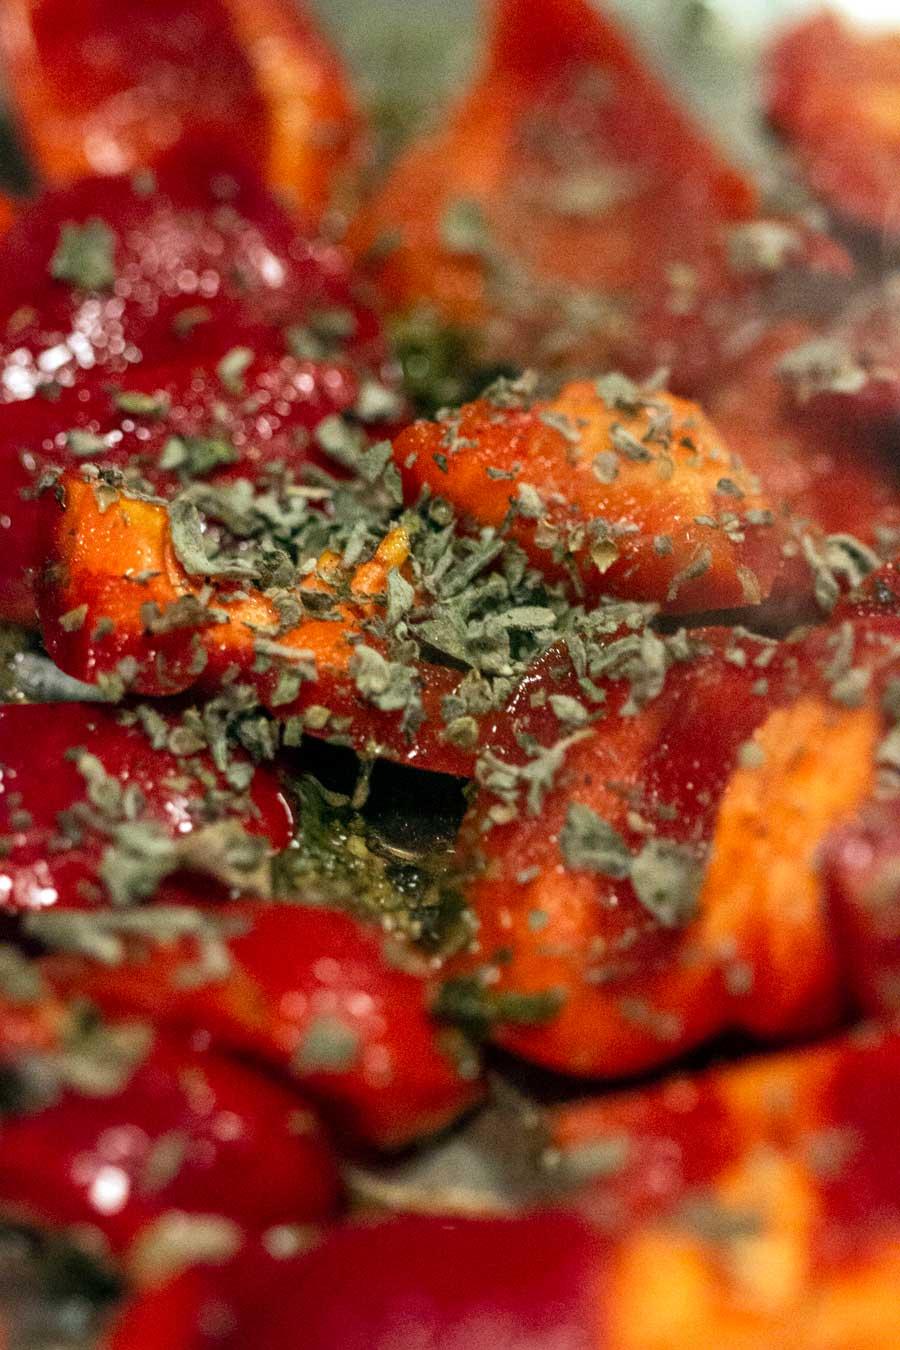 Poivrons rôtis au four avec des feuilles de za'atar et de la mélasse de grenade